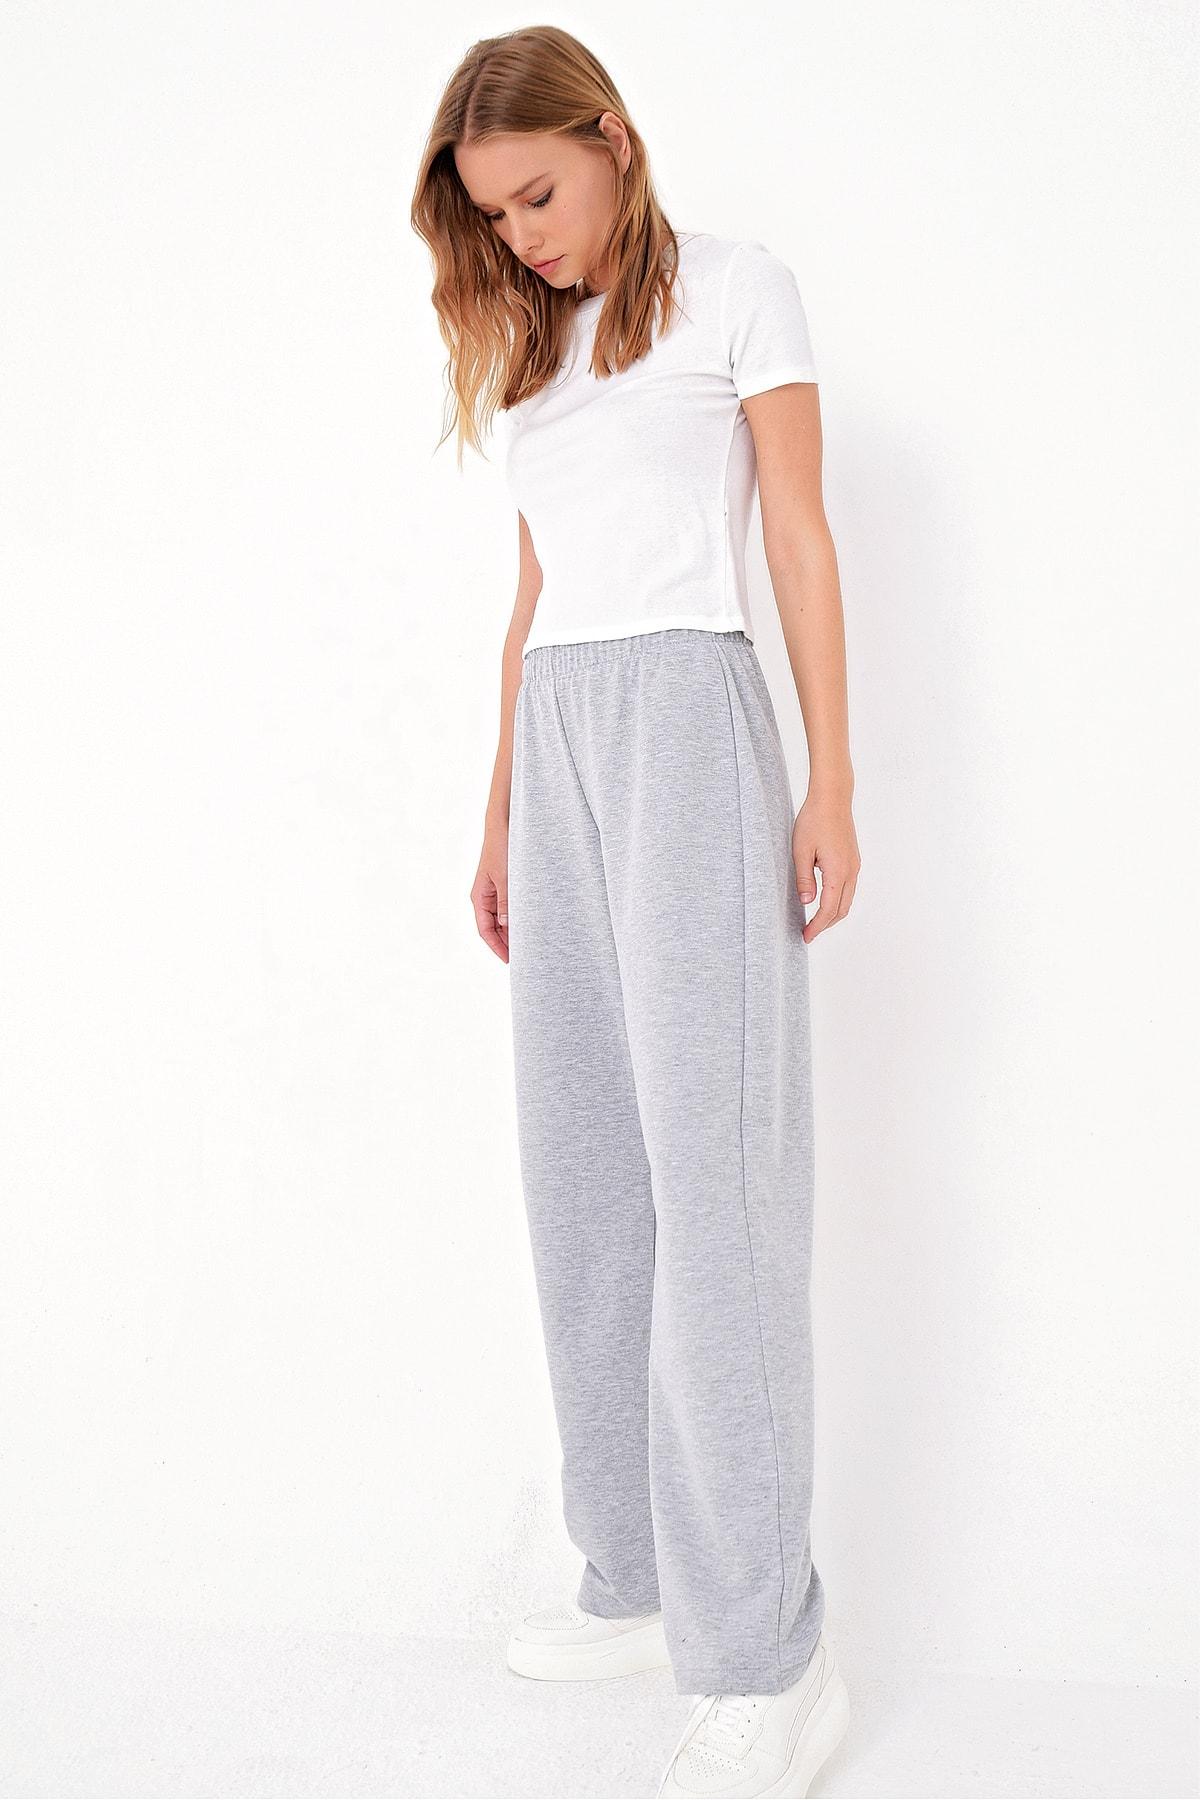 Trend Alaçatı Stili Kadın Gri Bol Paça Uzun Eşofman Altı ALC-X5046 2